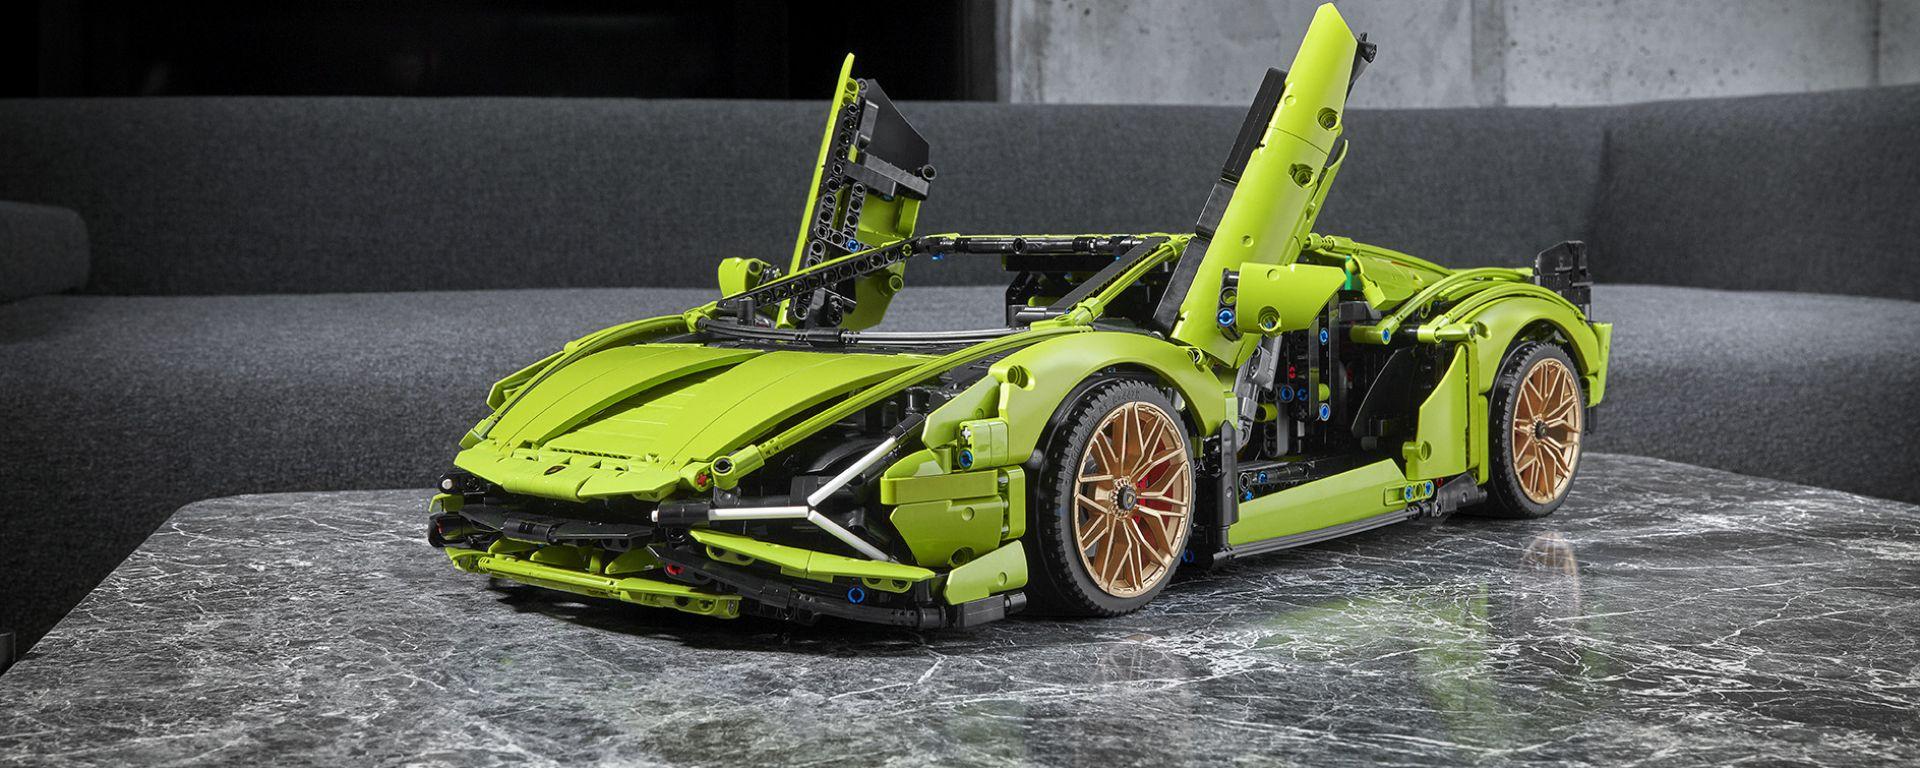 Lego Technic Lamborghini Sián FKP 37: portiere a forbice, come quella